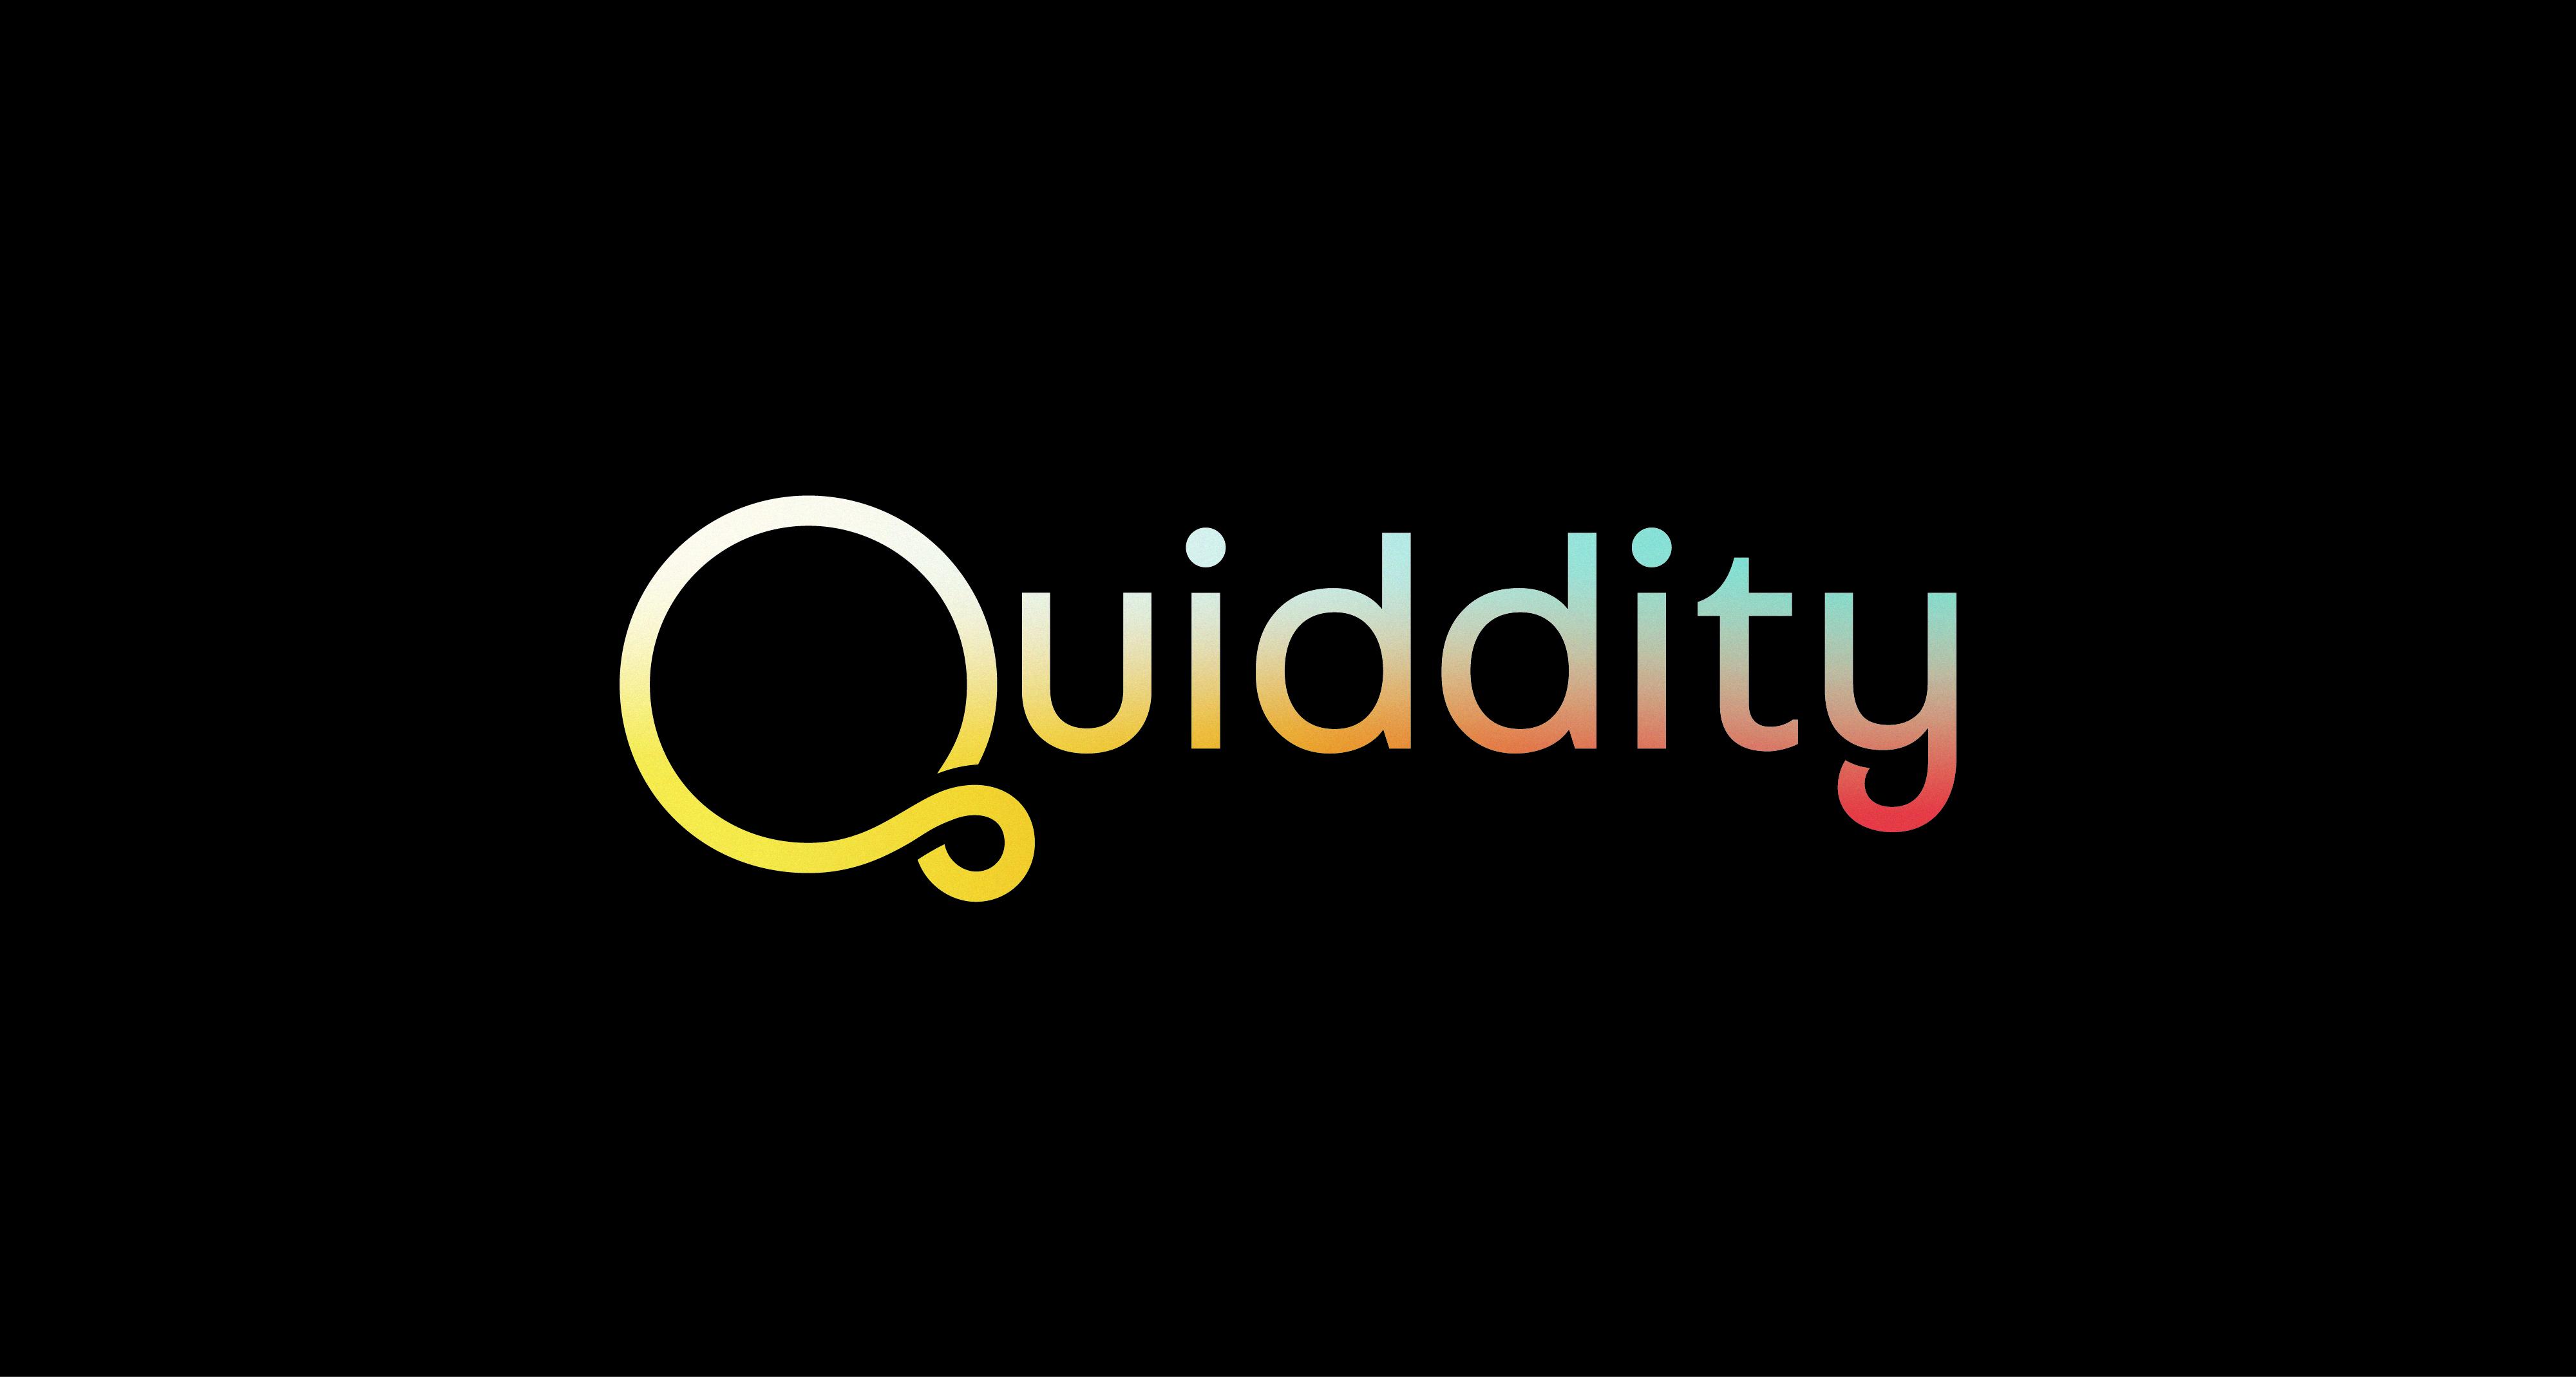 Quiddity gradient 01